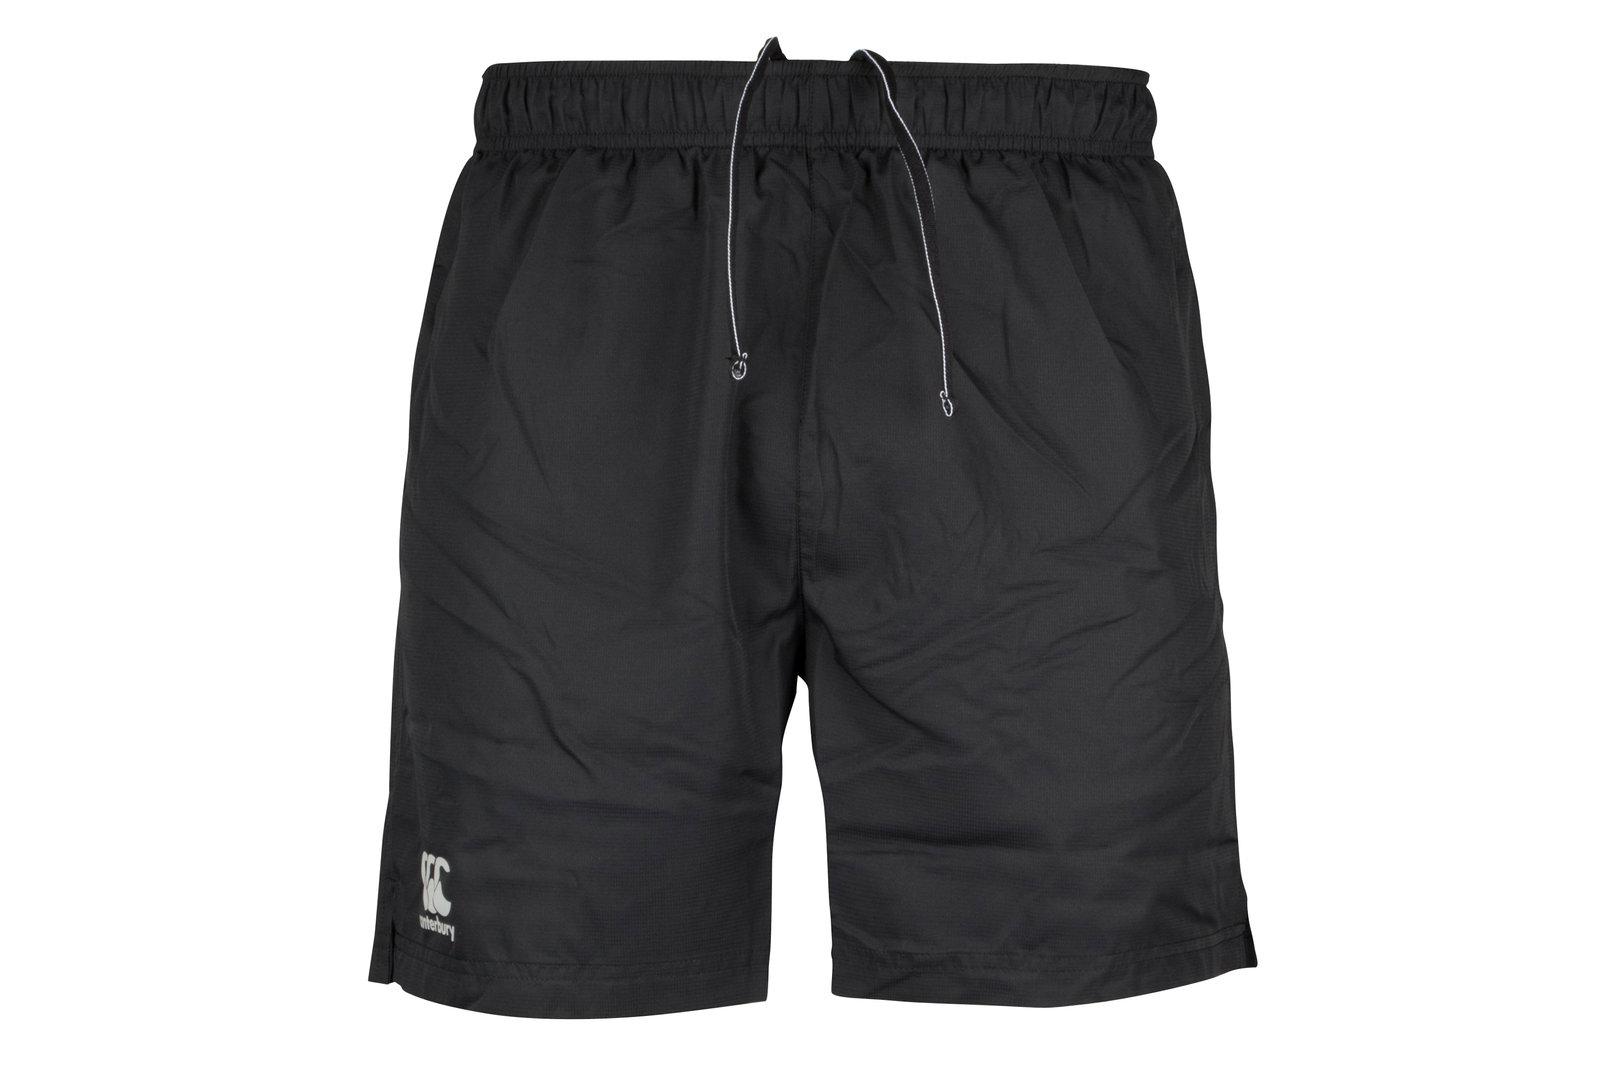 Vapodri Woven Training Shorts